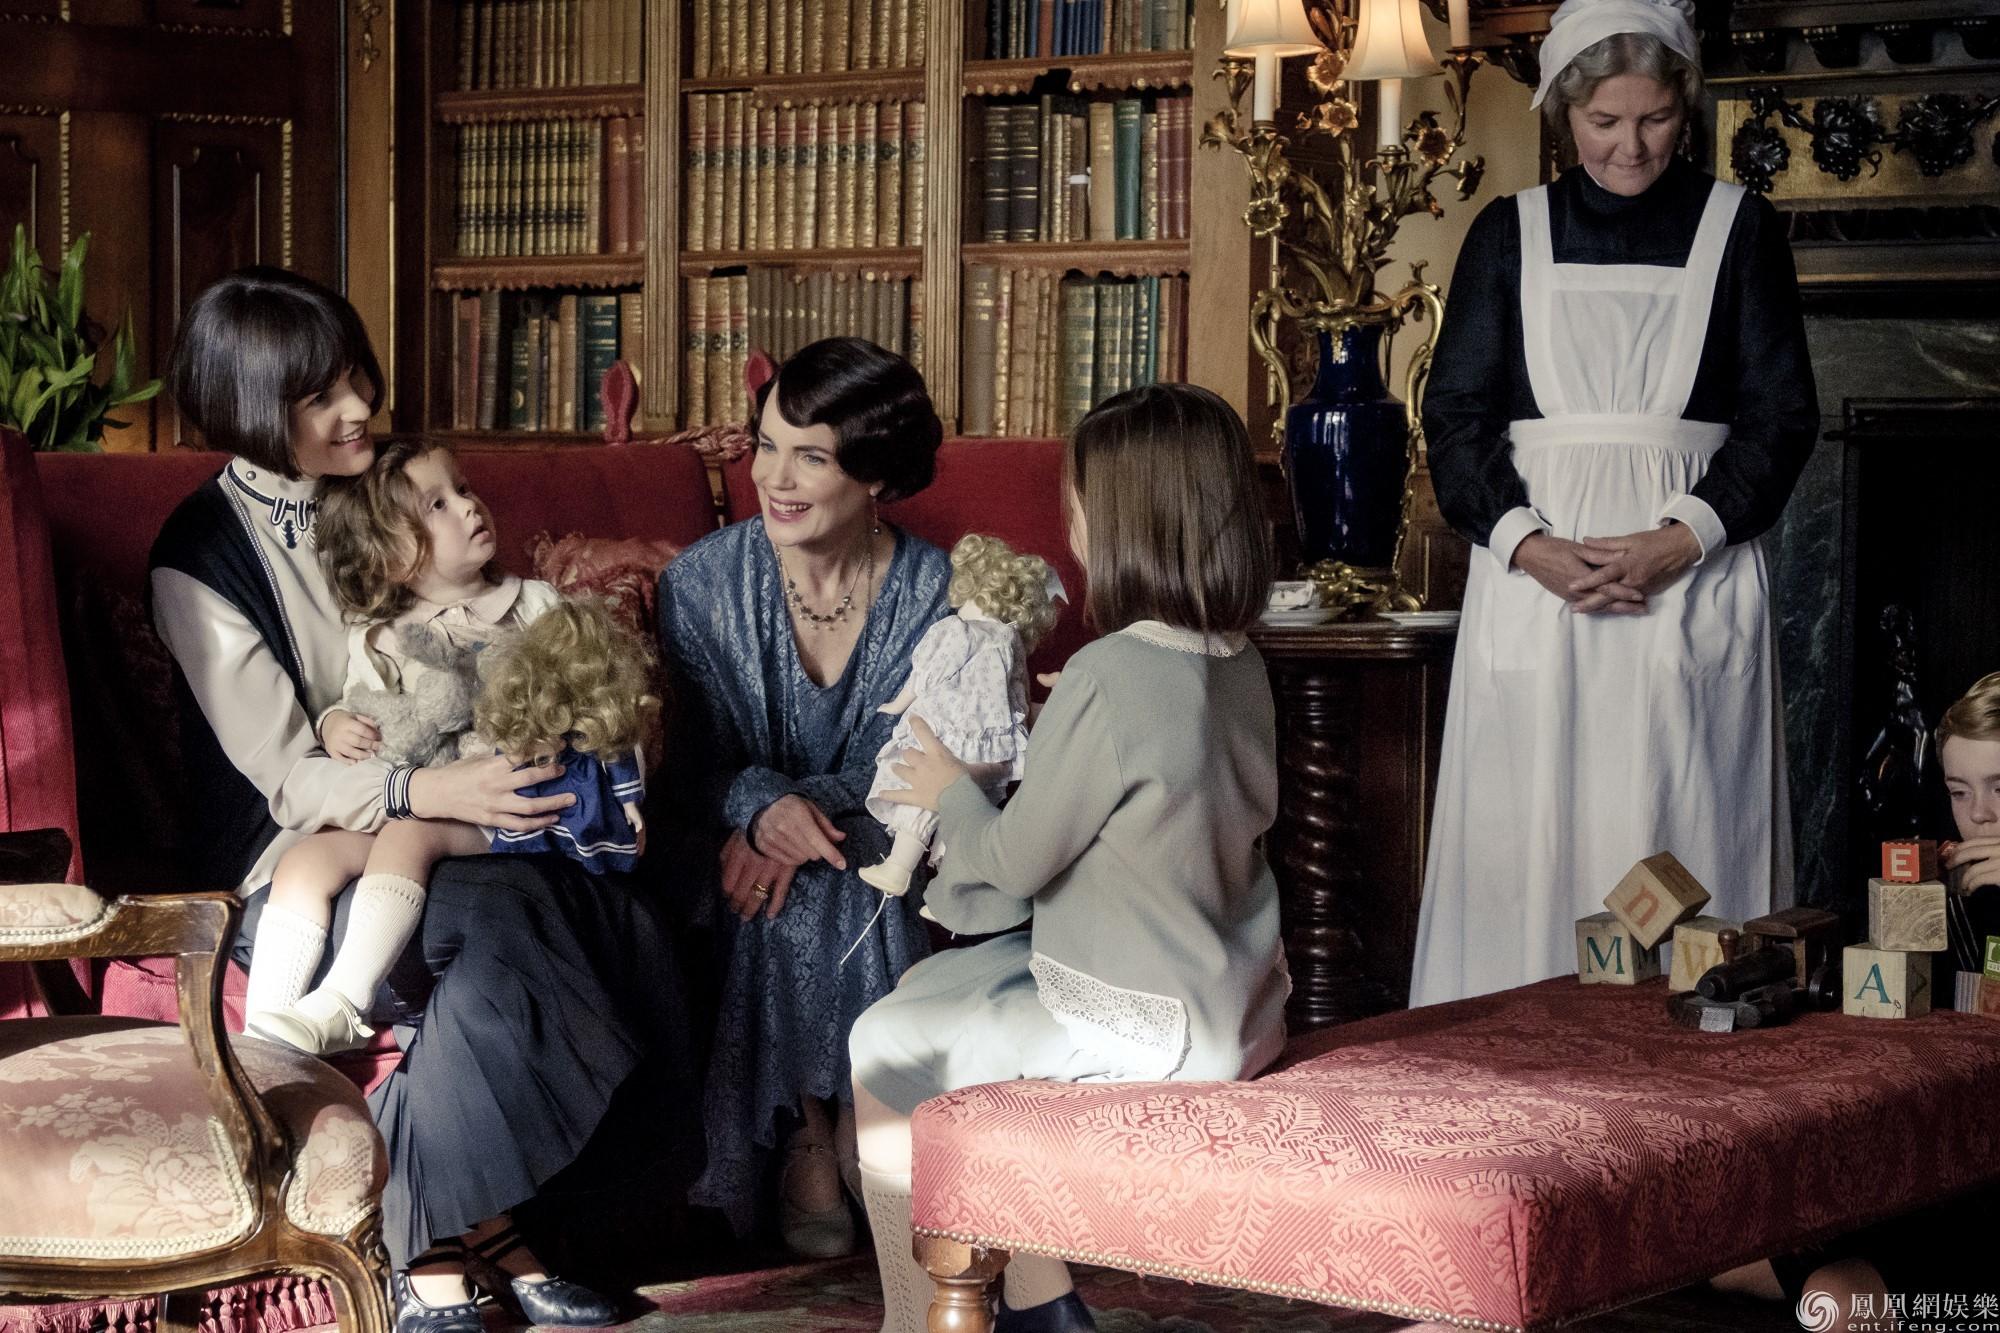 前路未知玛丽遇艰难抉择 电影《唐顿庄园》尽显温情